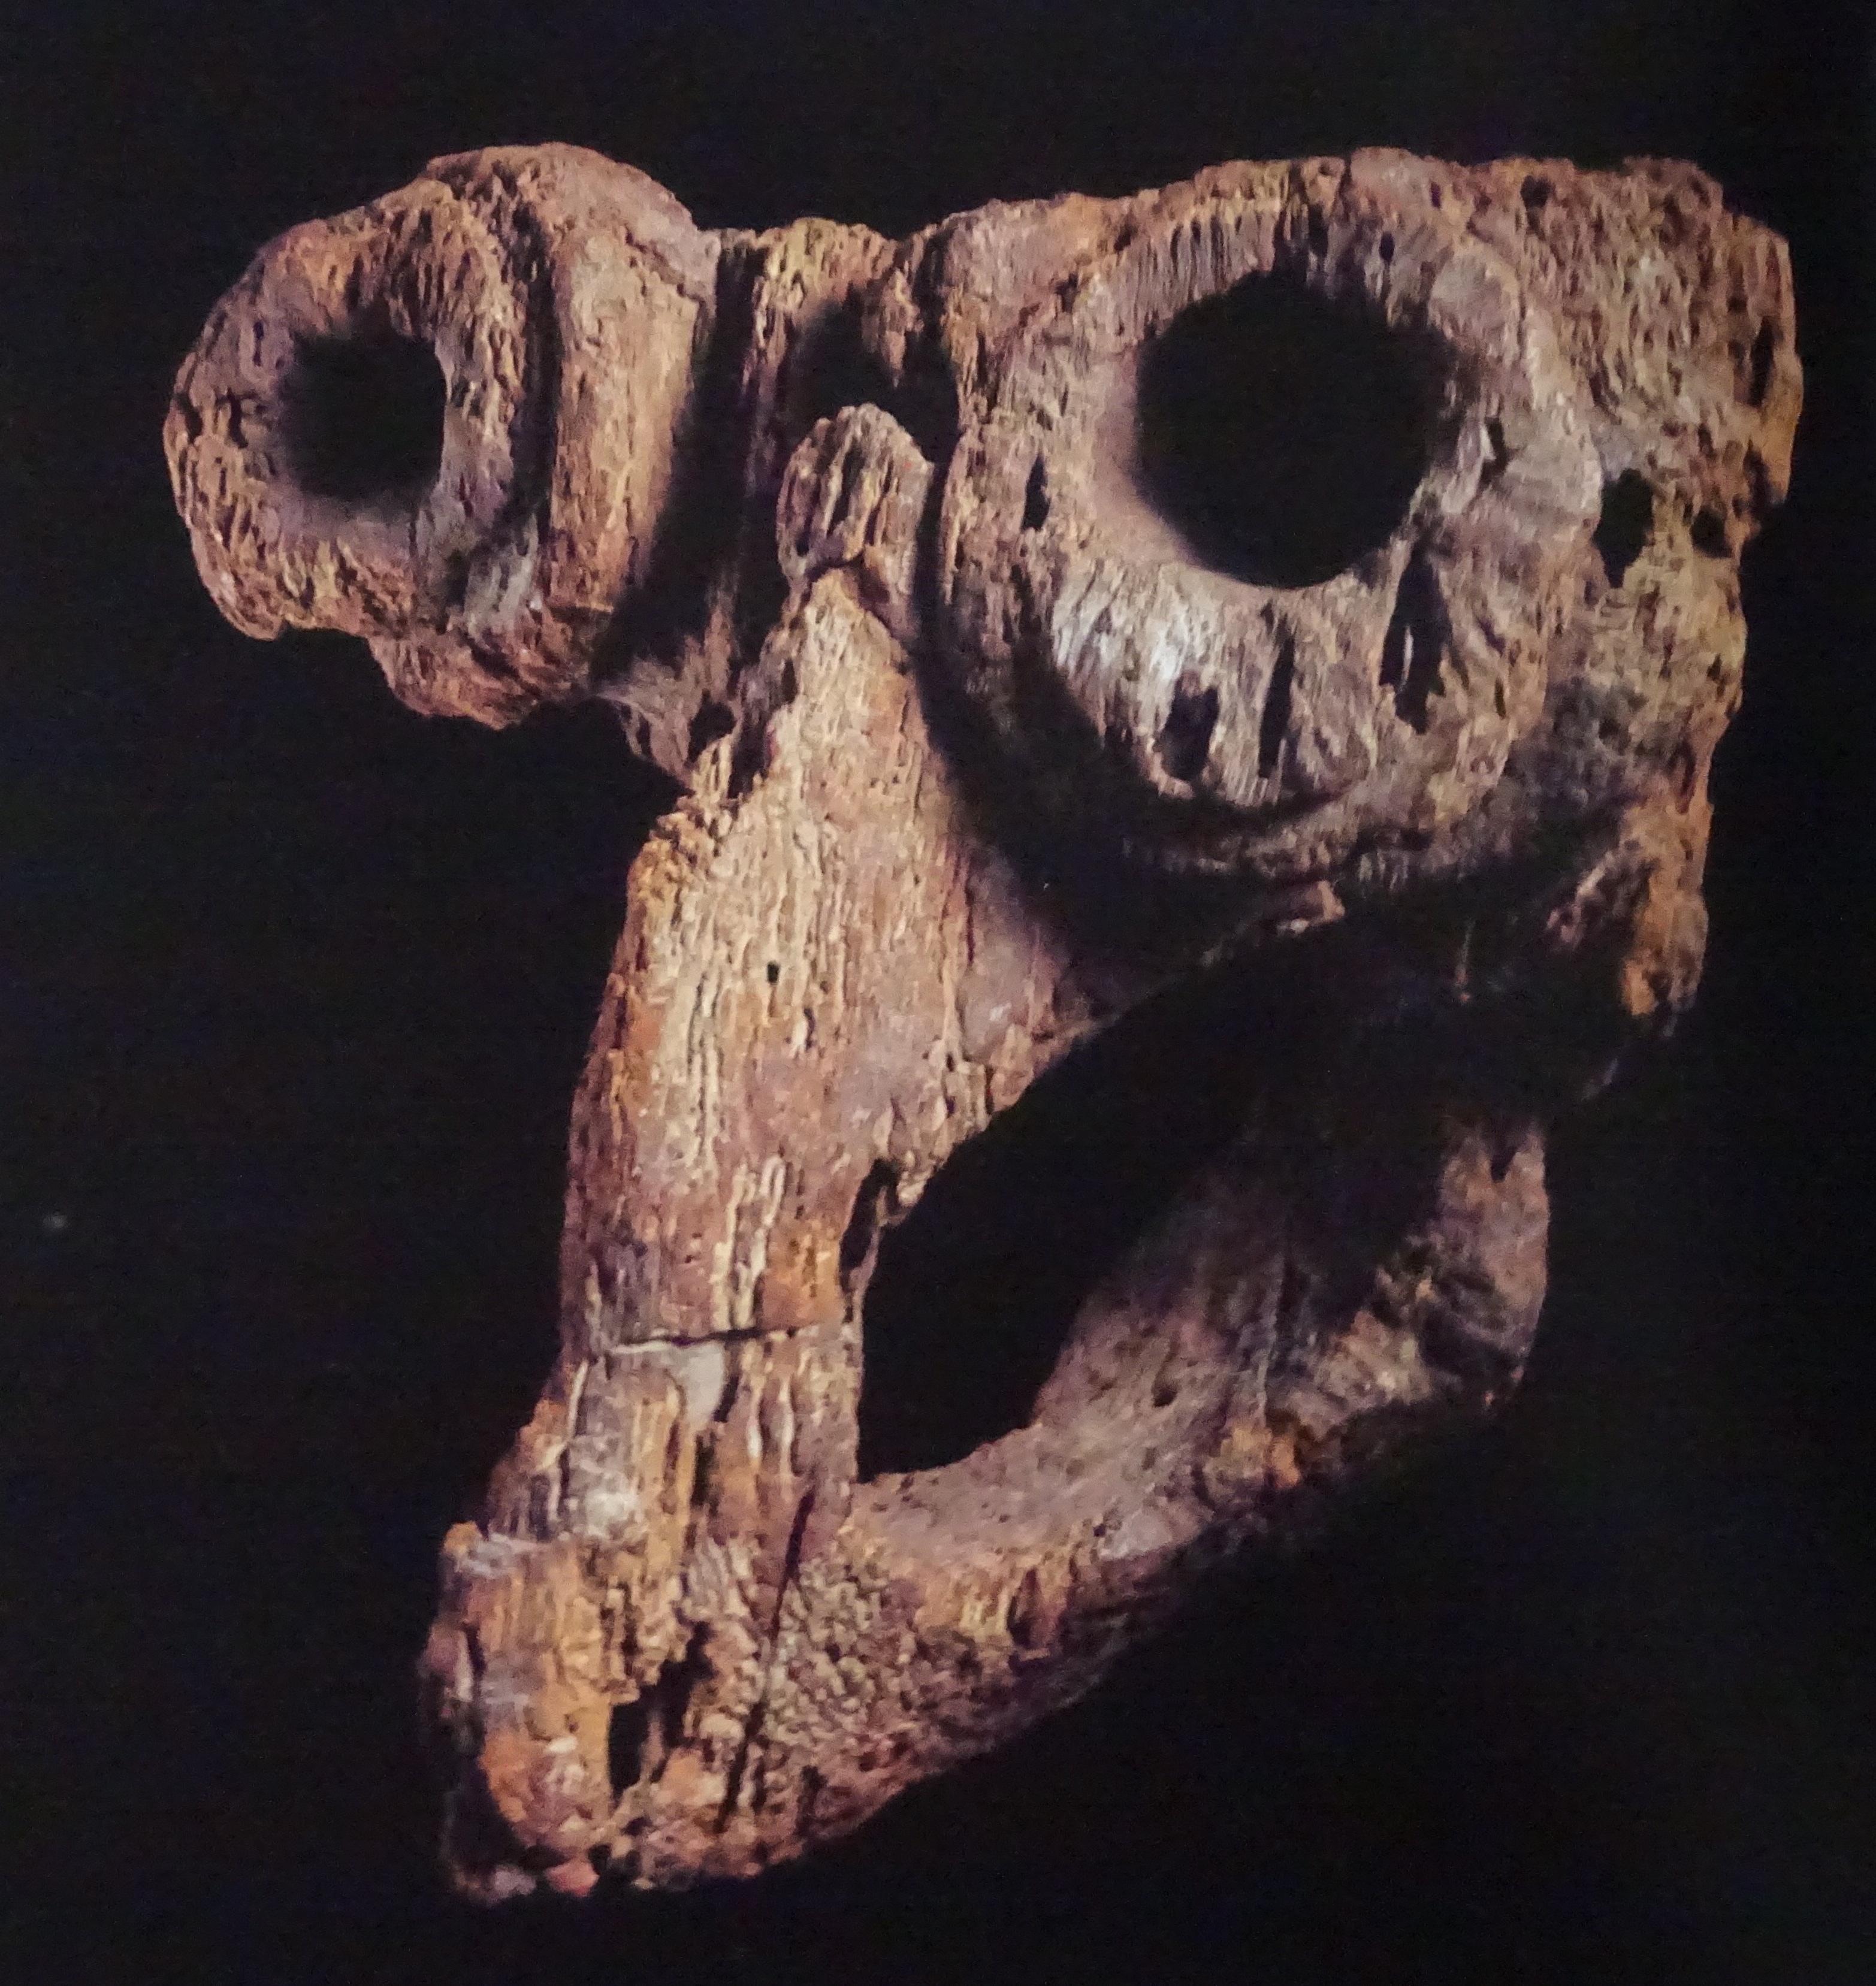 18a 5342-173 ruined mask.jpg